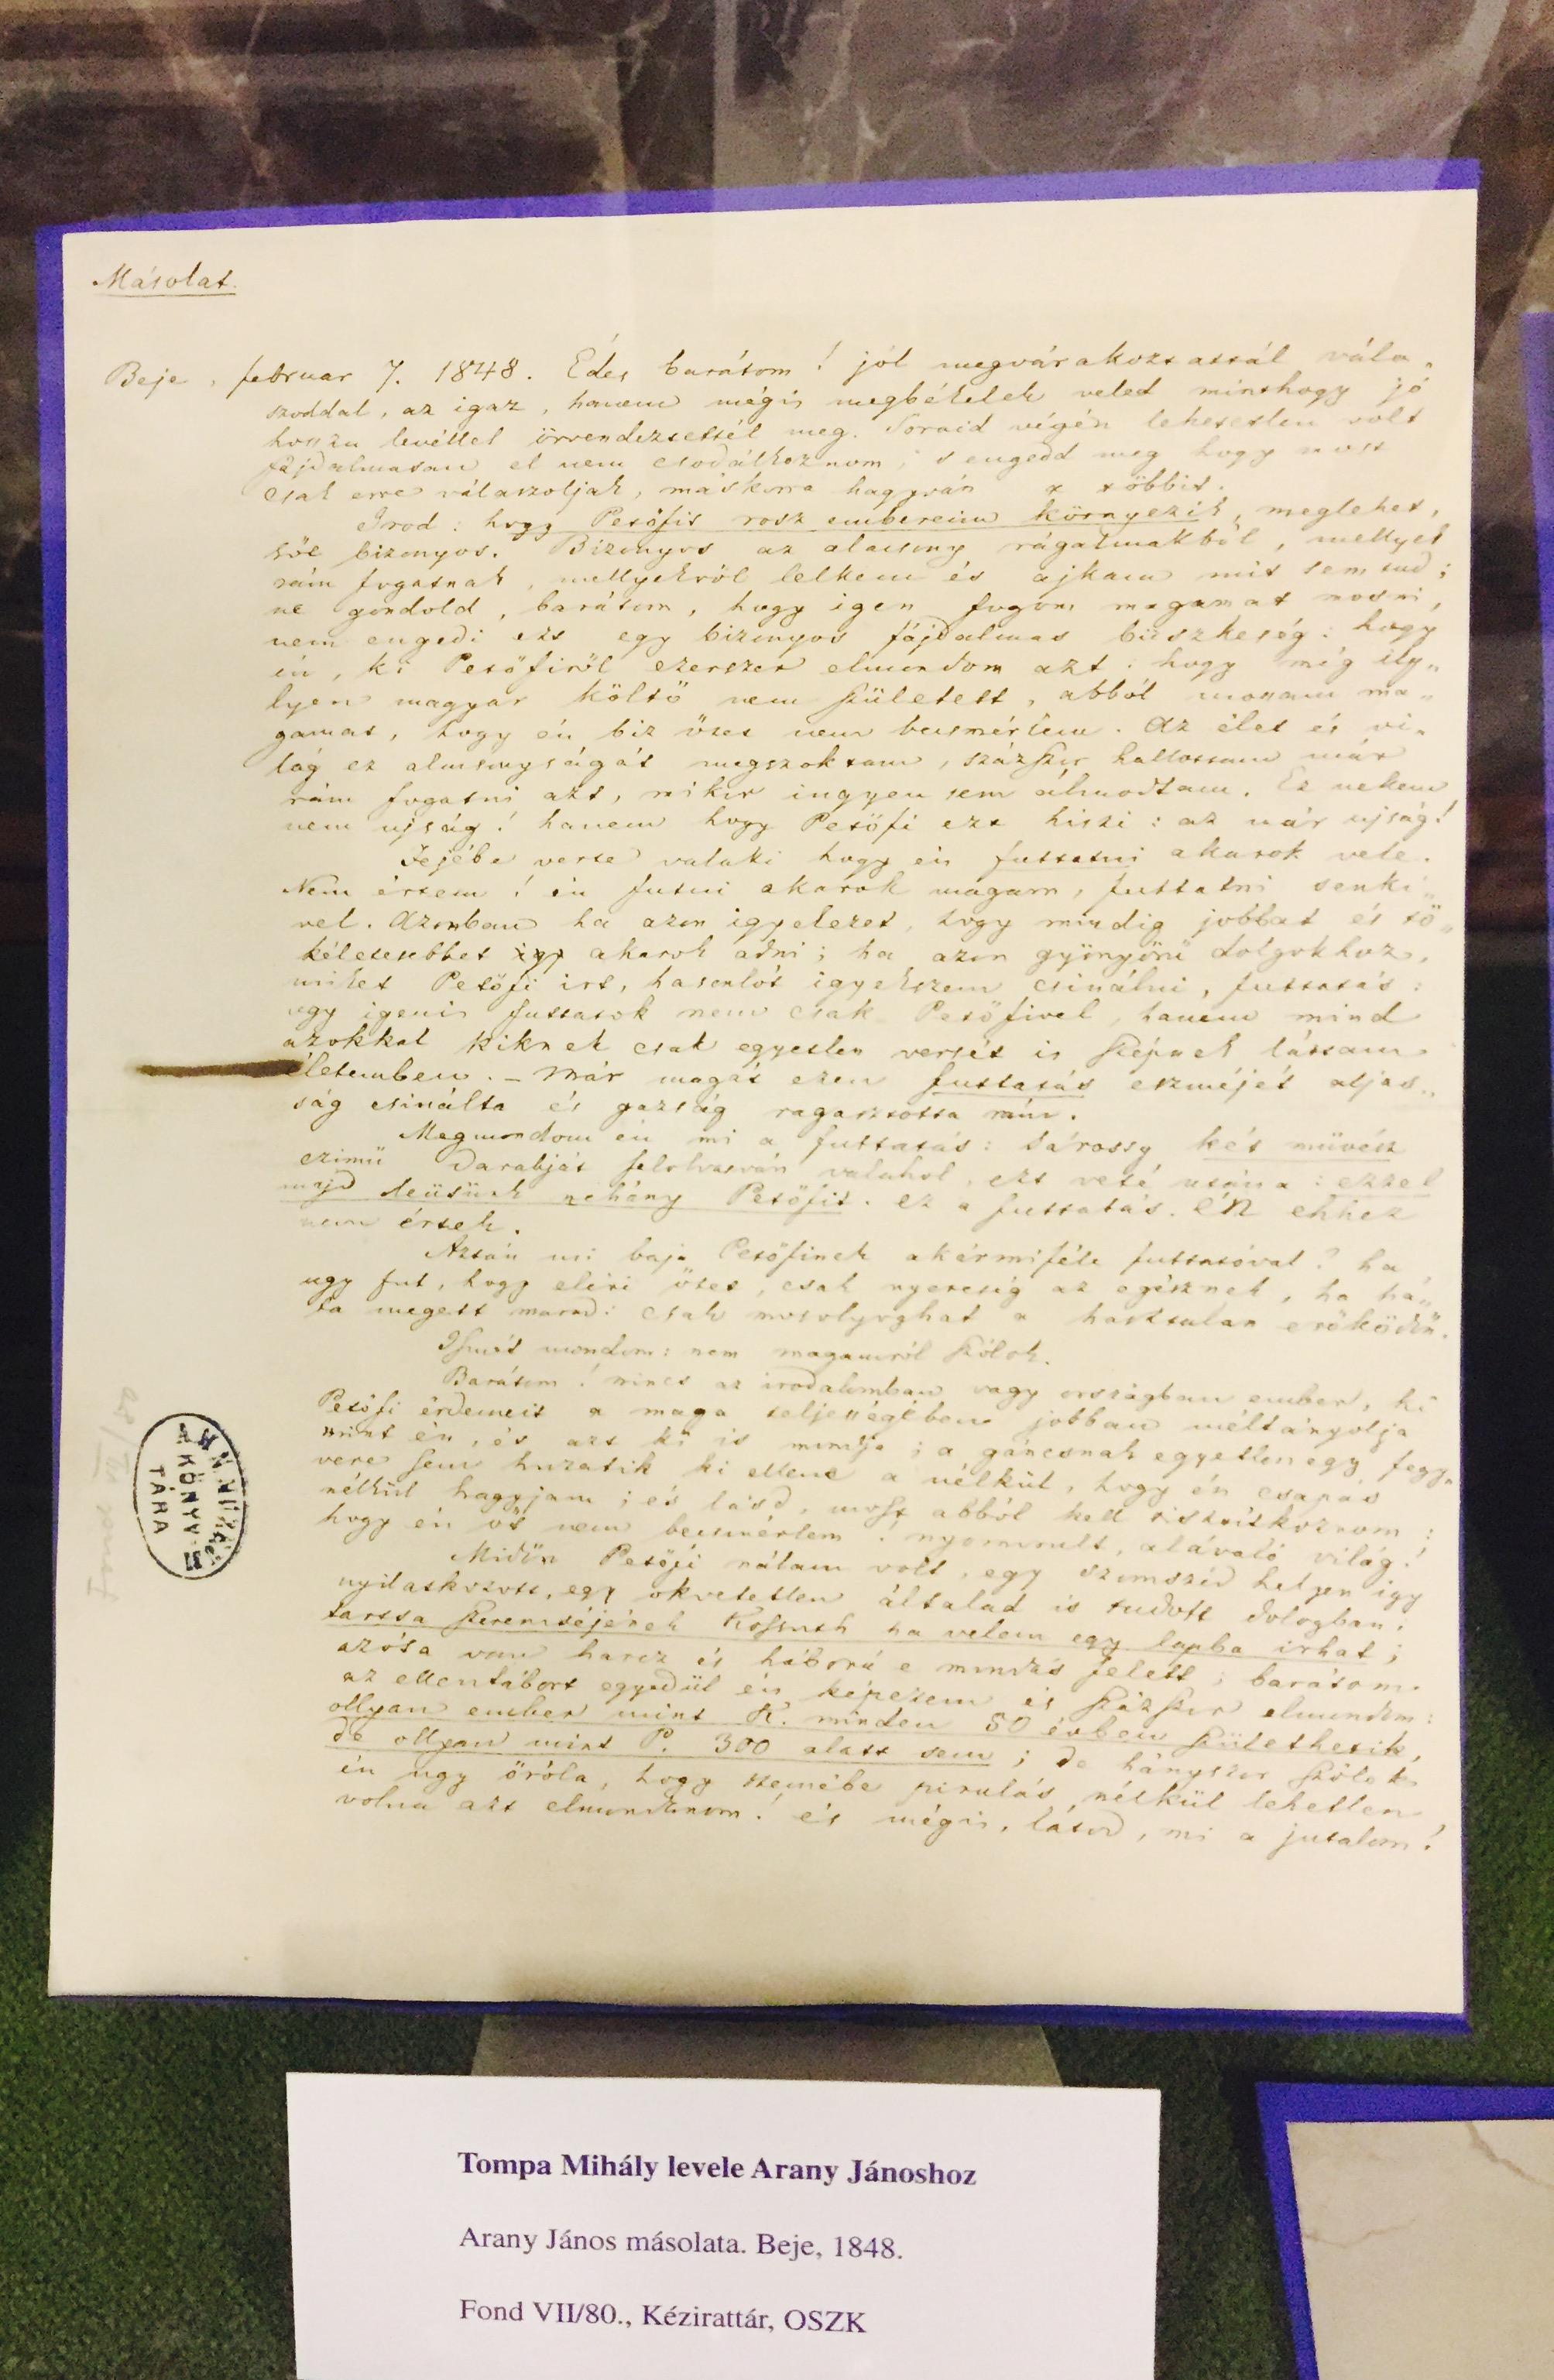 """A """"Nincs talán még elfeledve a dal"""" - kiállítás Tompa Mihály születésének 200. évfordulója alkalmából (2017) című kiállítás részlete"""